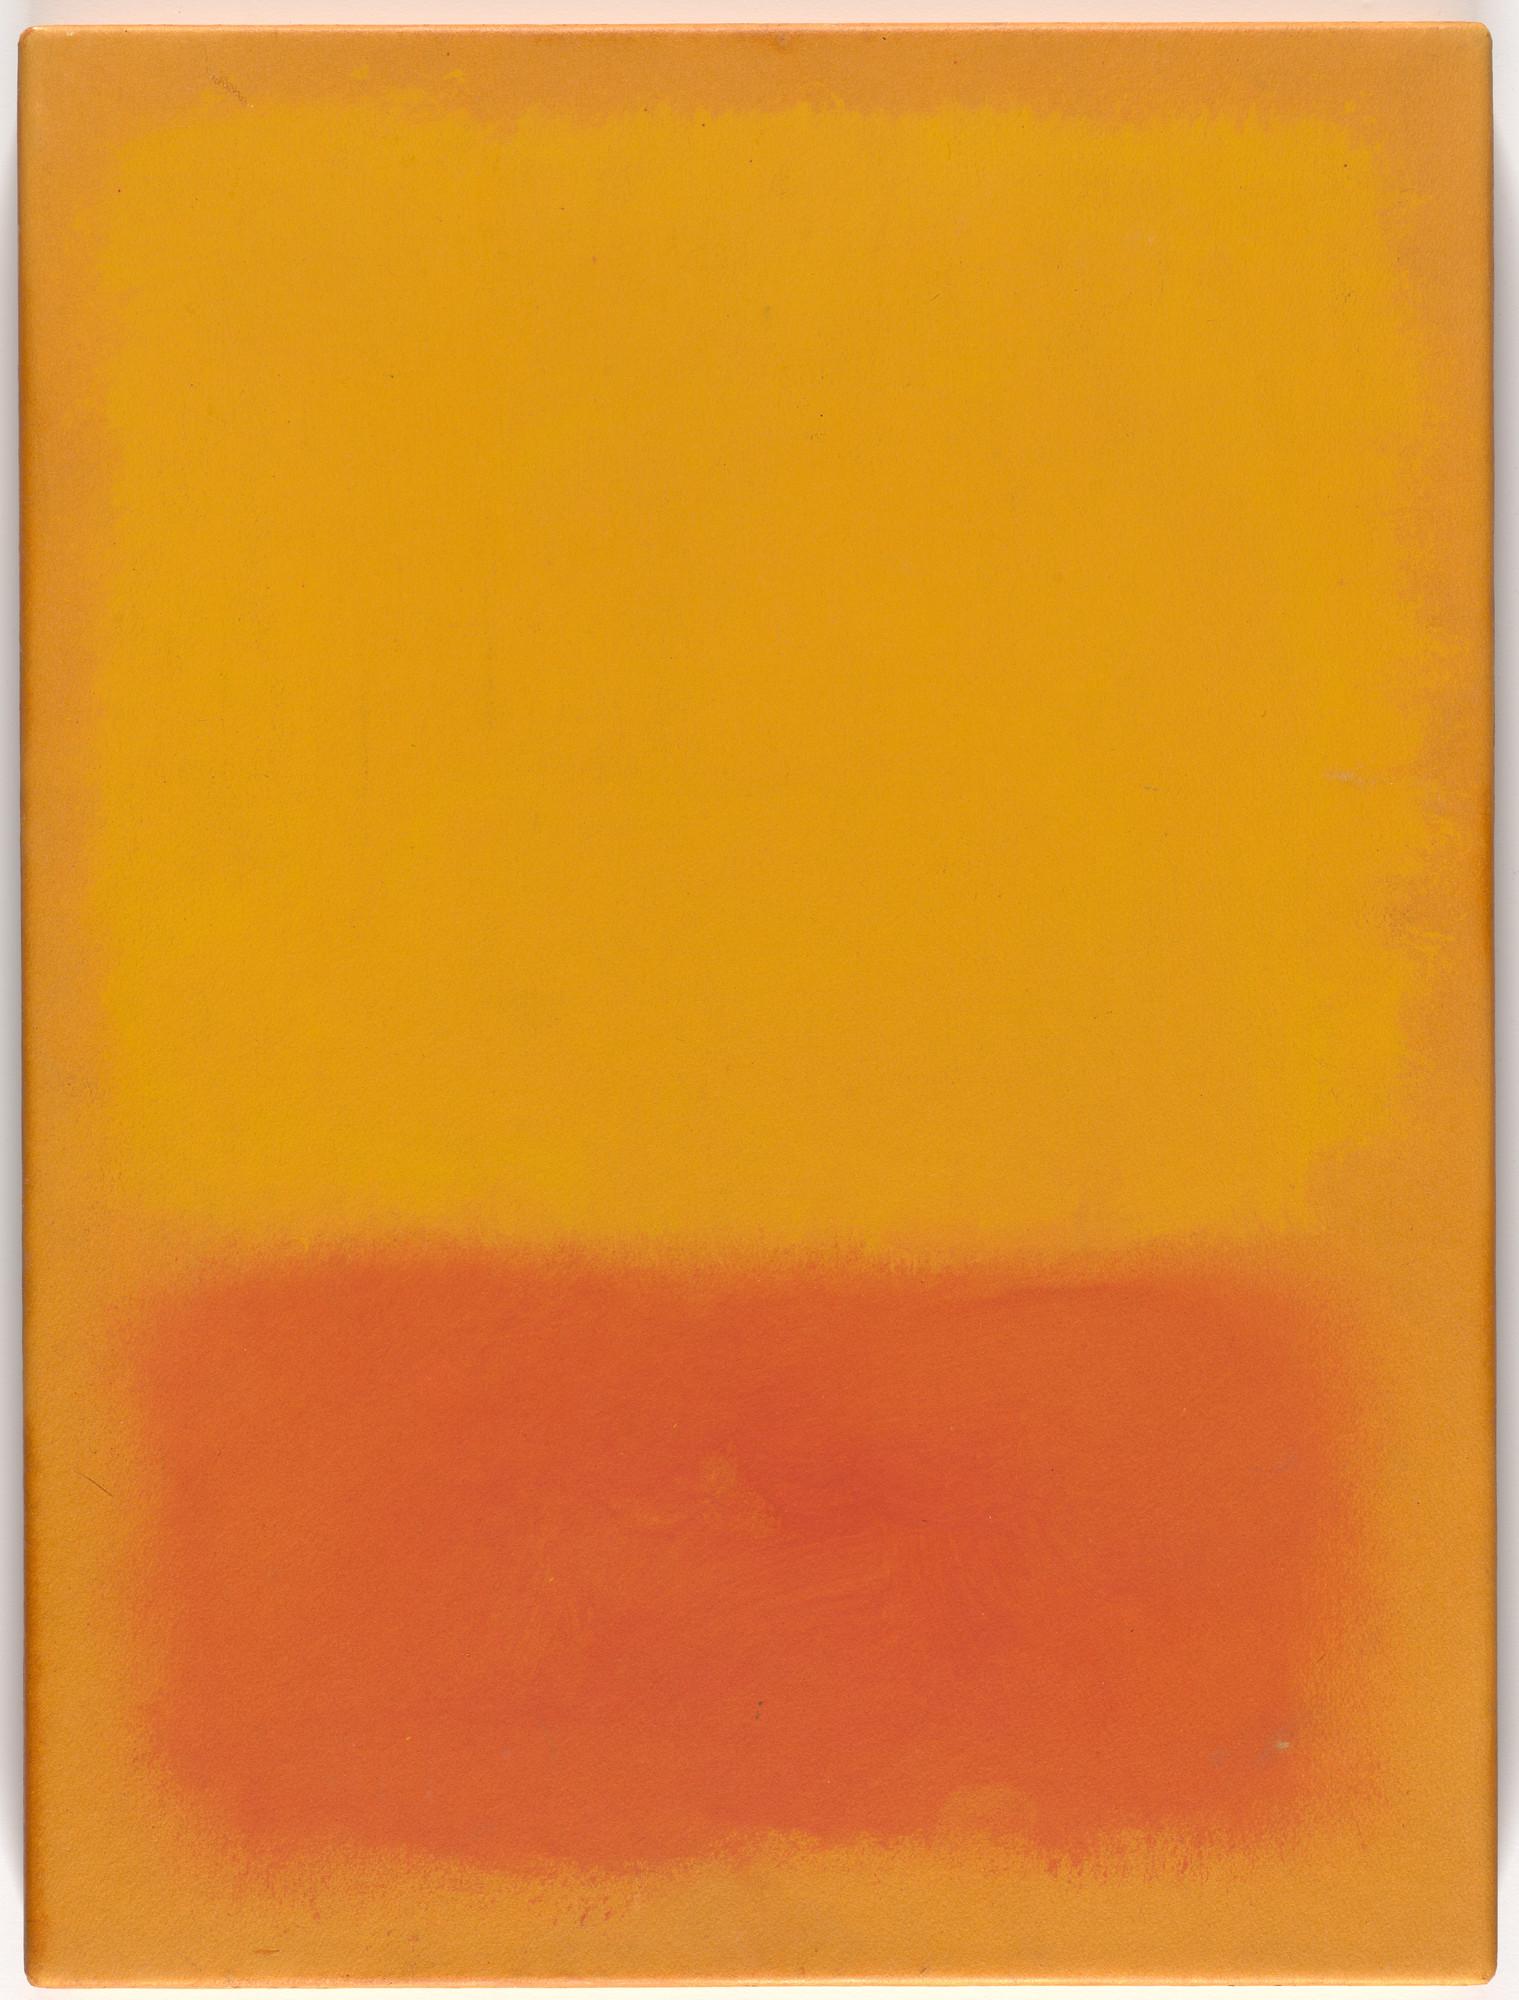 foto de Mark Rothko. Untitled. (1968) | MoMA